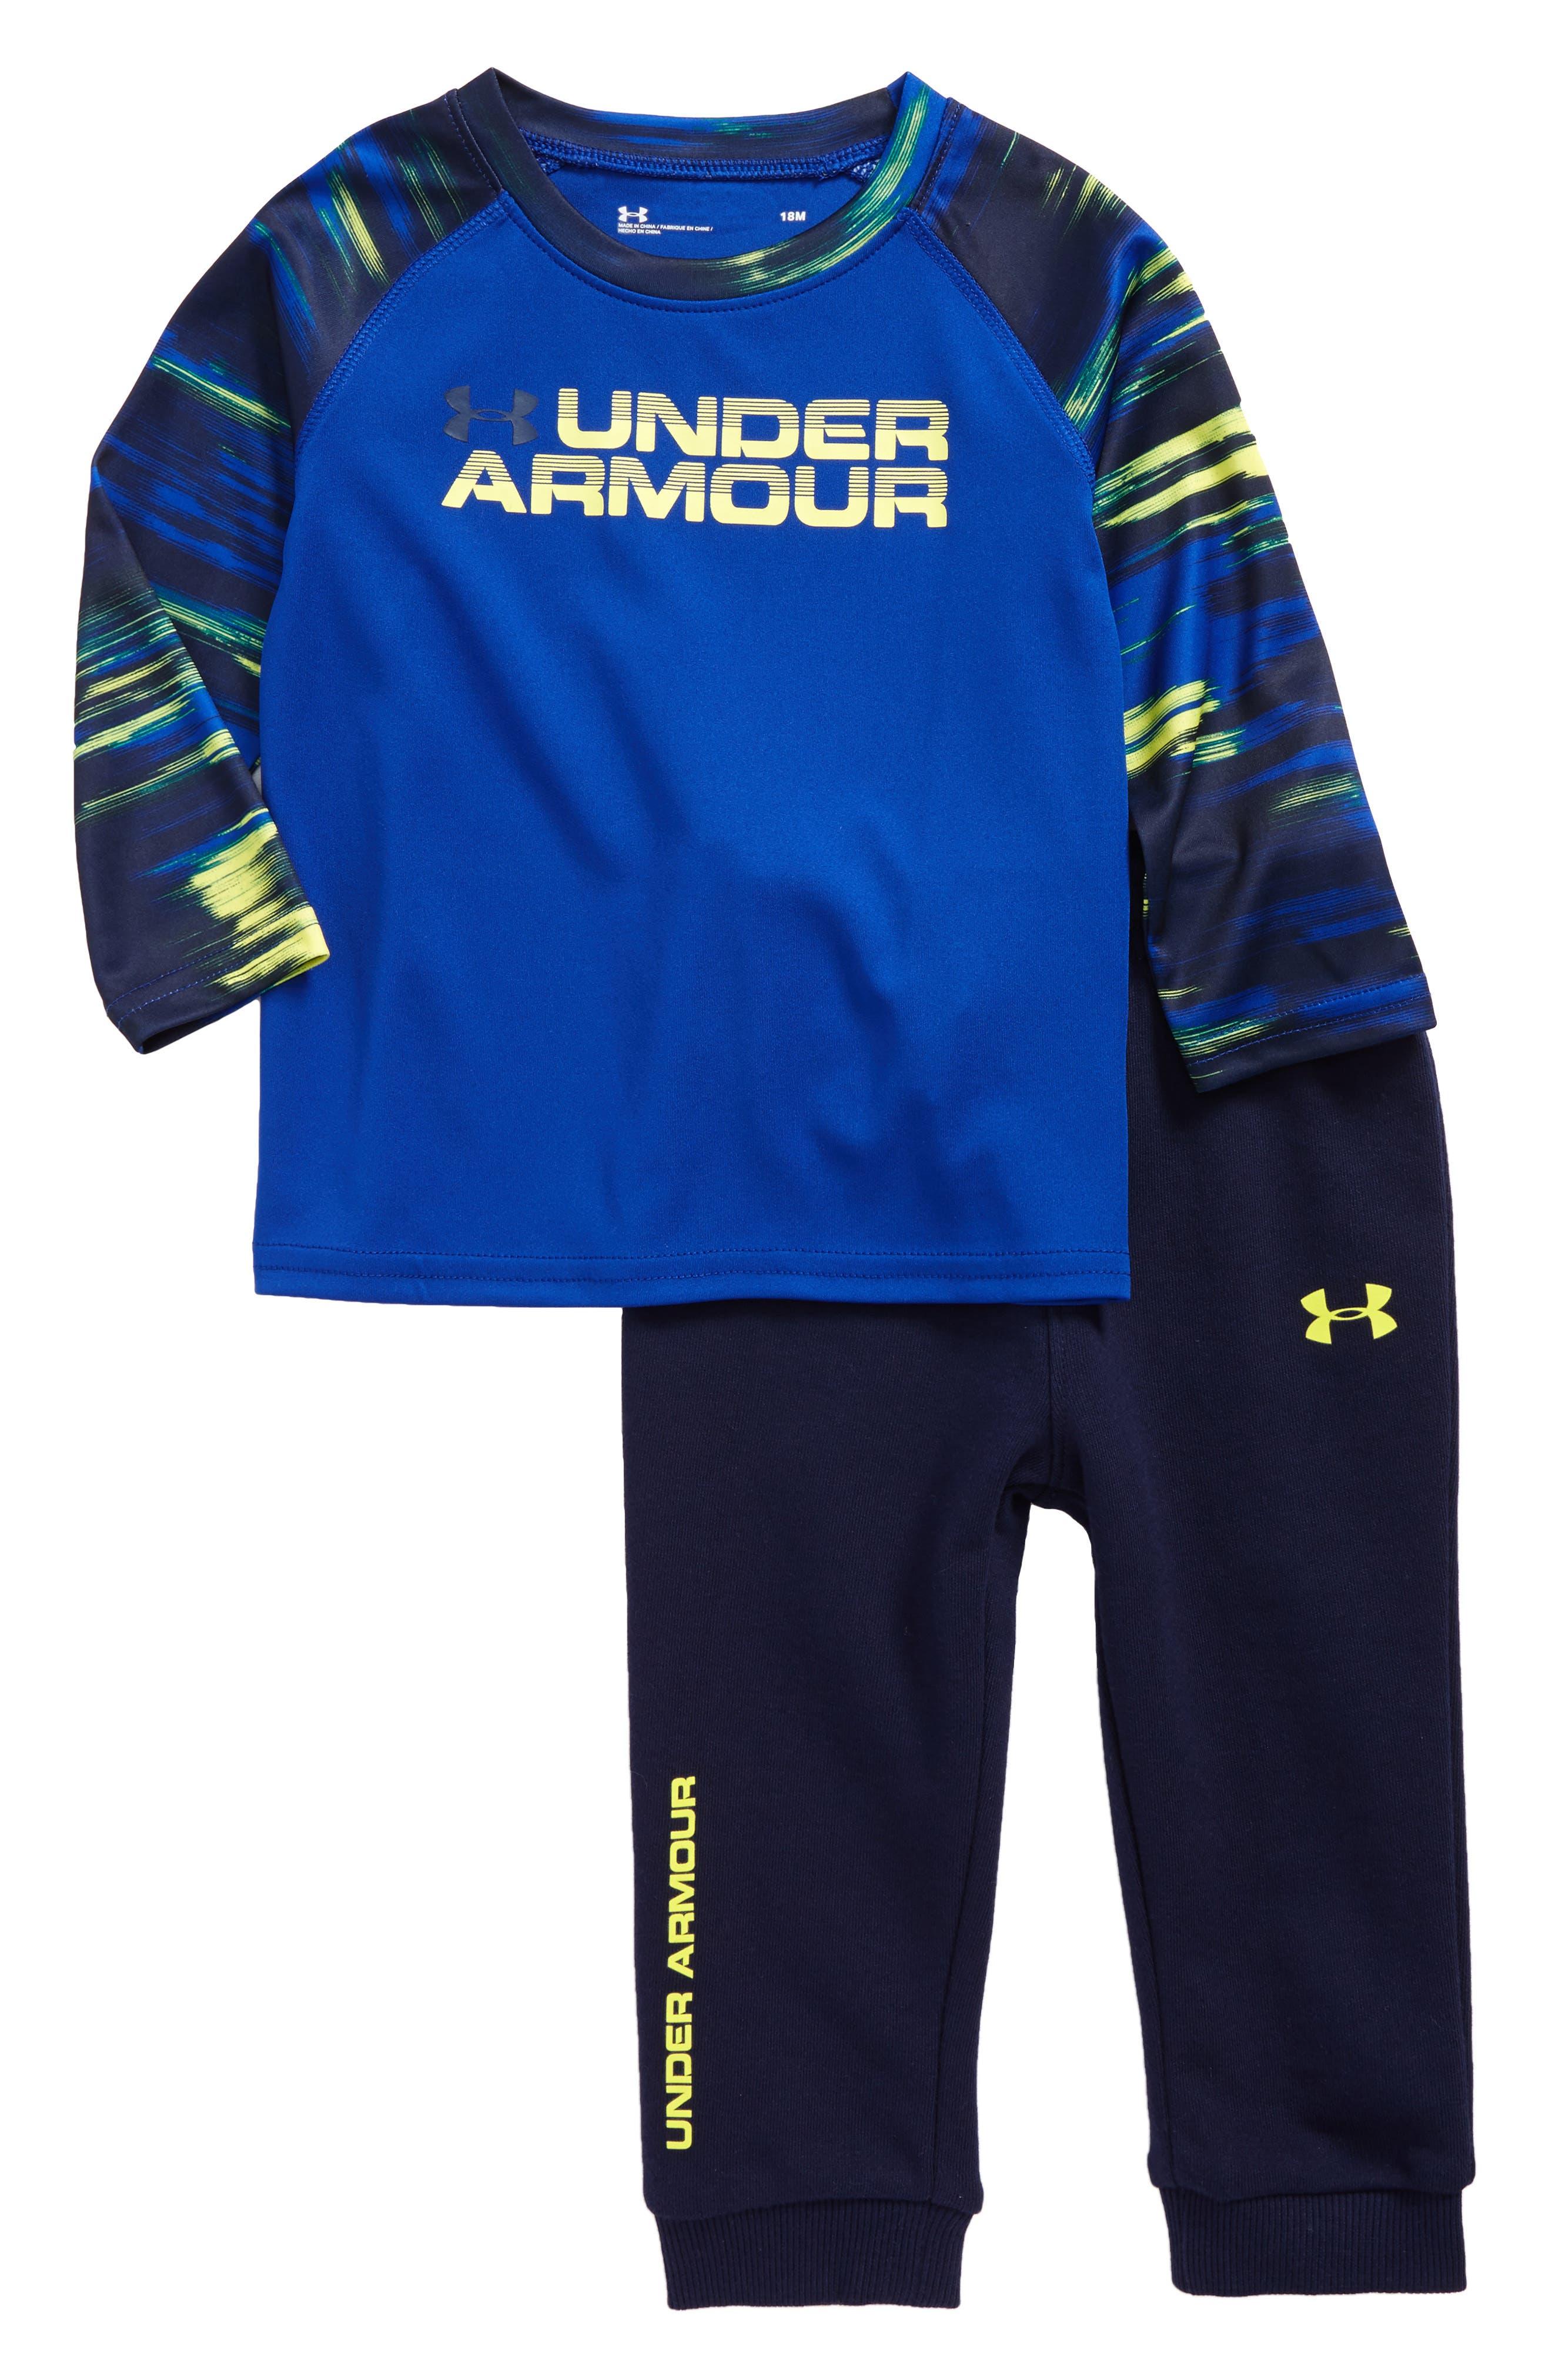 UNDER ARMOUR Accelerate T-Shirt & Sweatpants Set, Main, color, 450